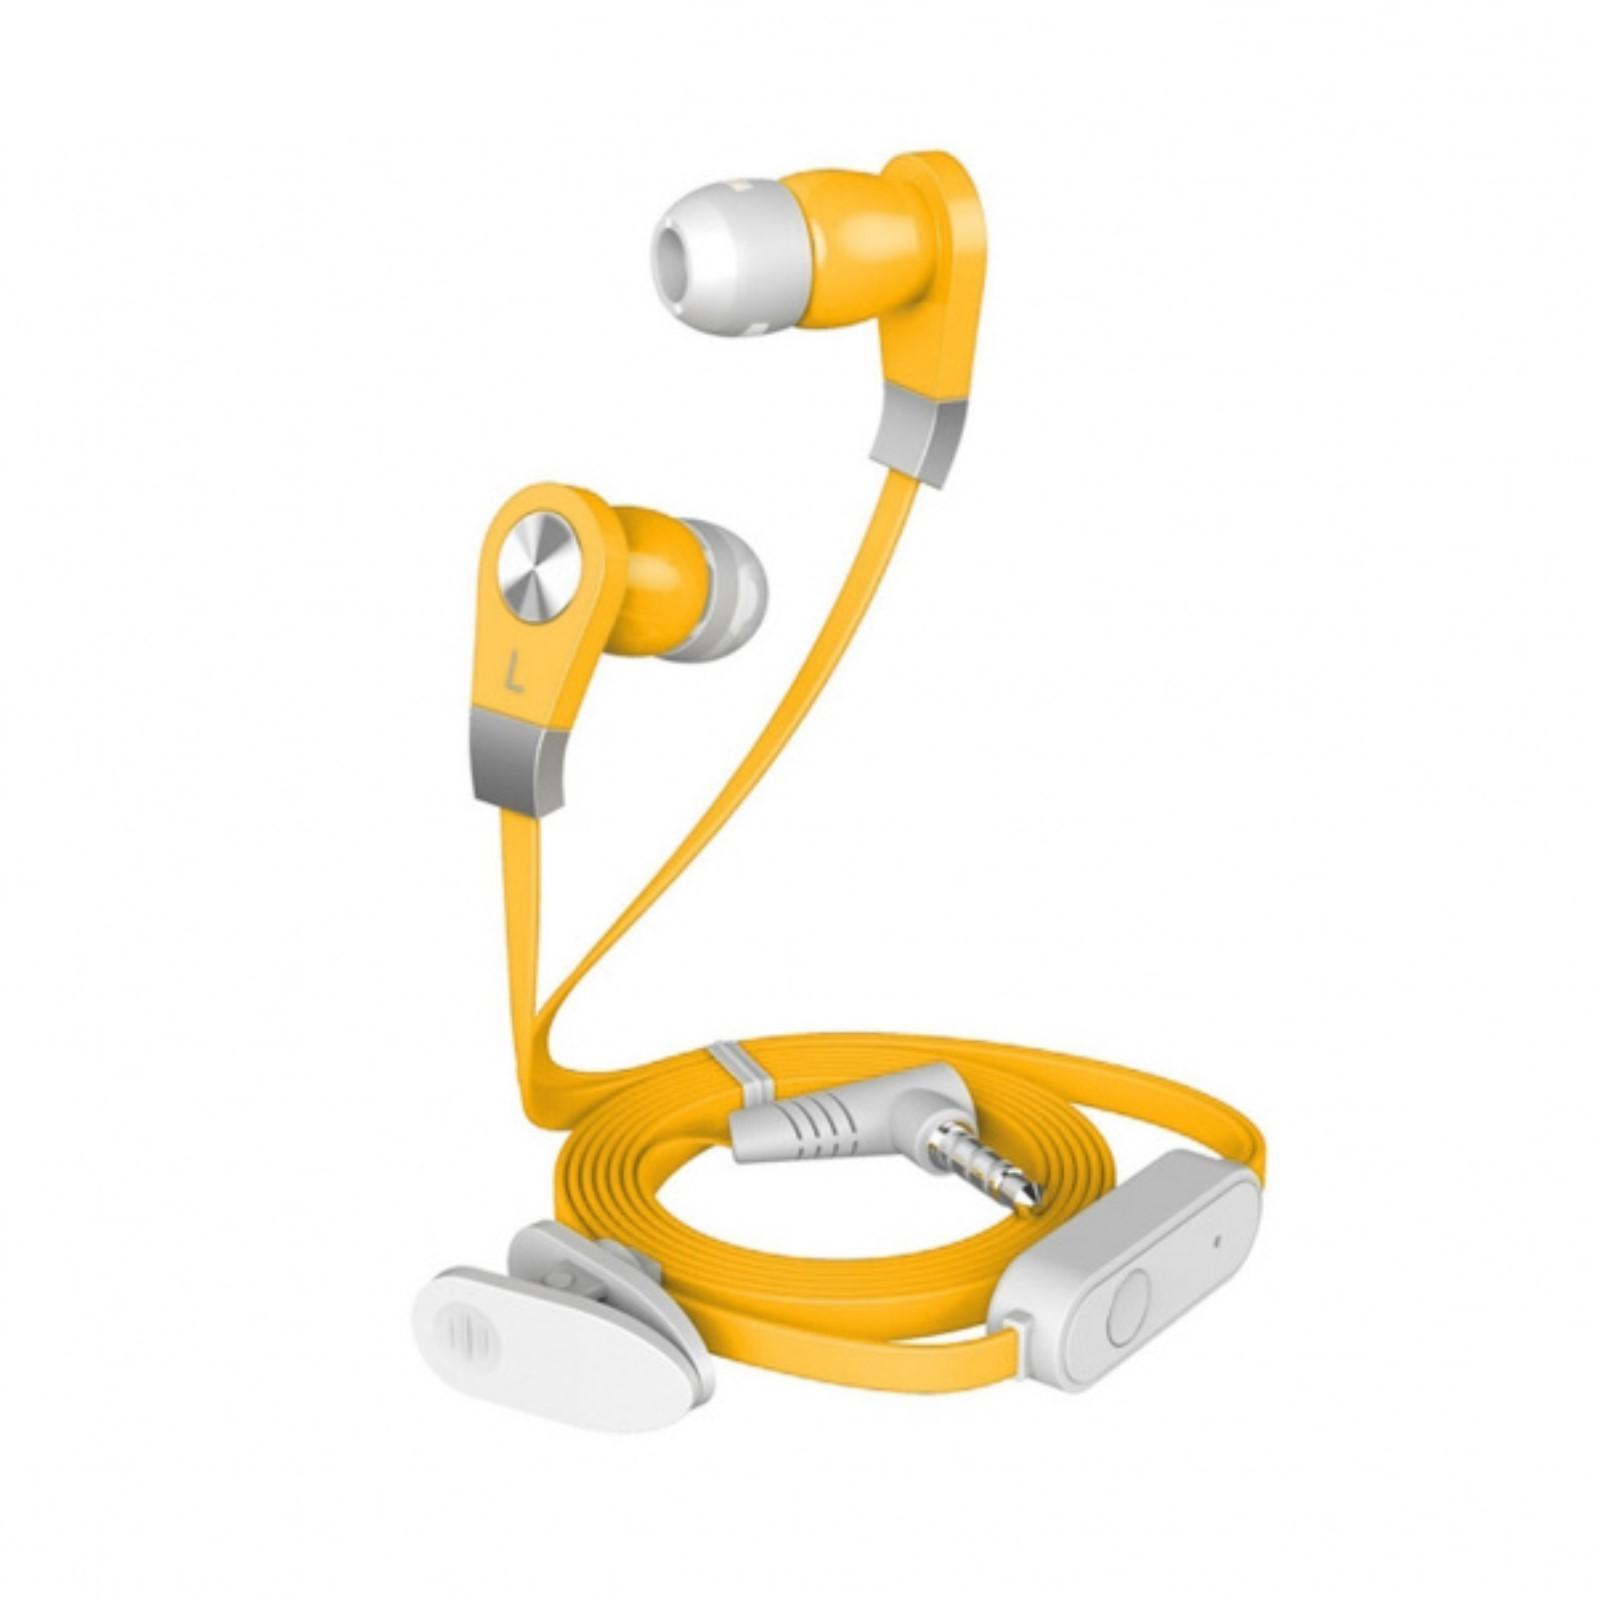 все цены на Гарнитура HARPER HV-103 yellow Проводные / Внутриканальные с микрофоном / Желтый / 13 Гц - 20,5 кГц / 110 дБ / Двухстороннее / Mini-jack / 3.5 мм онлайн